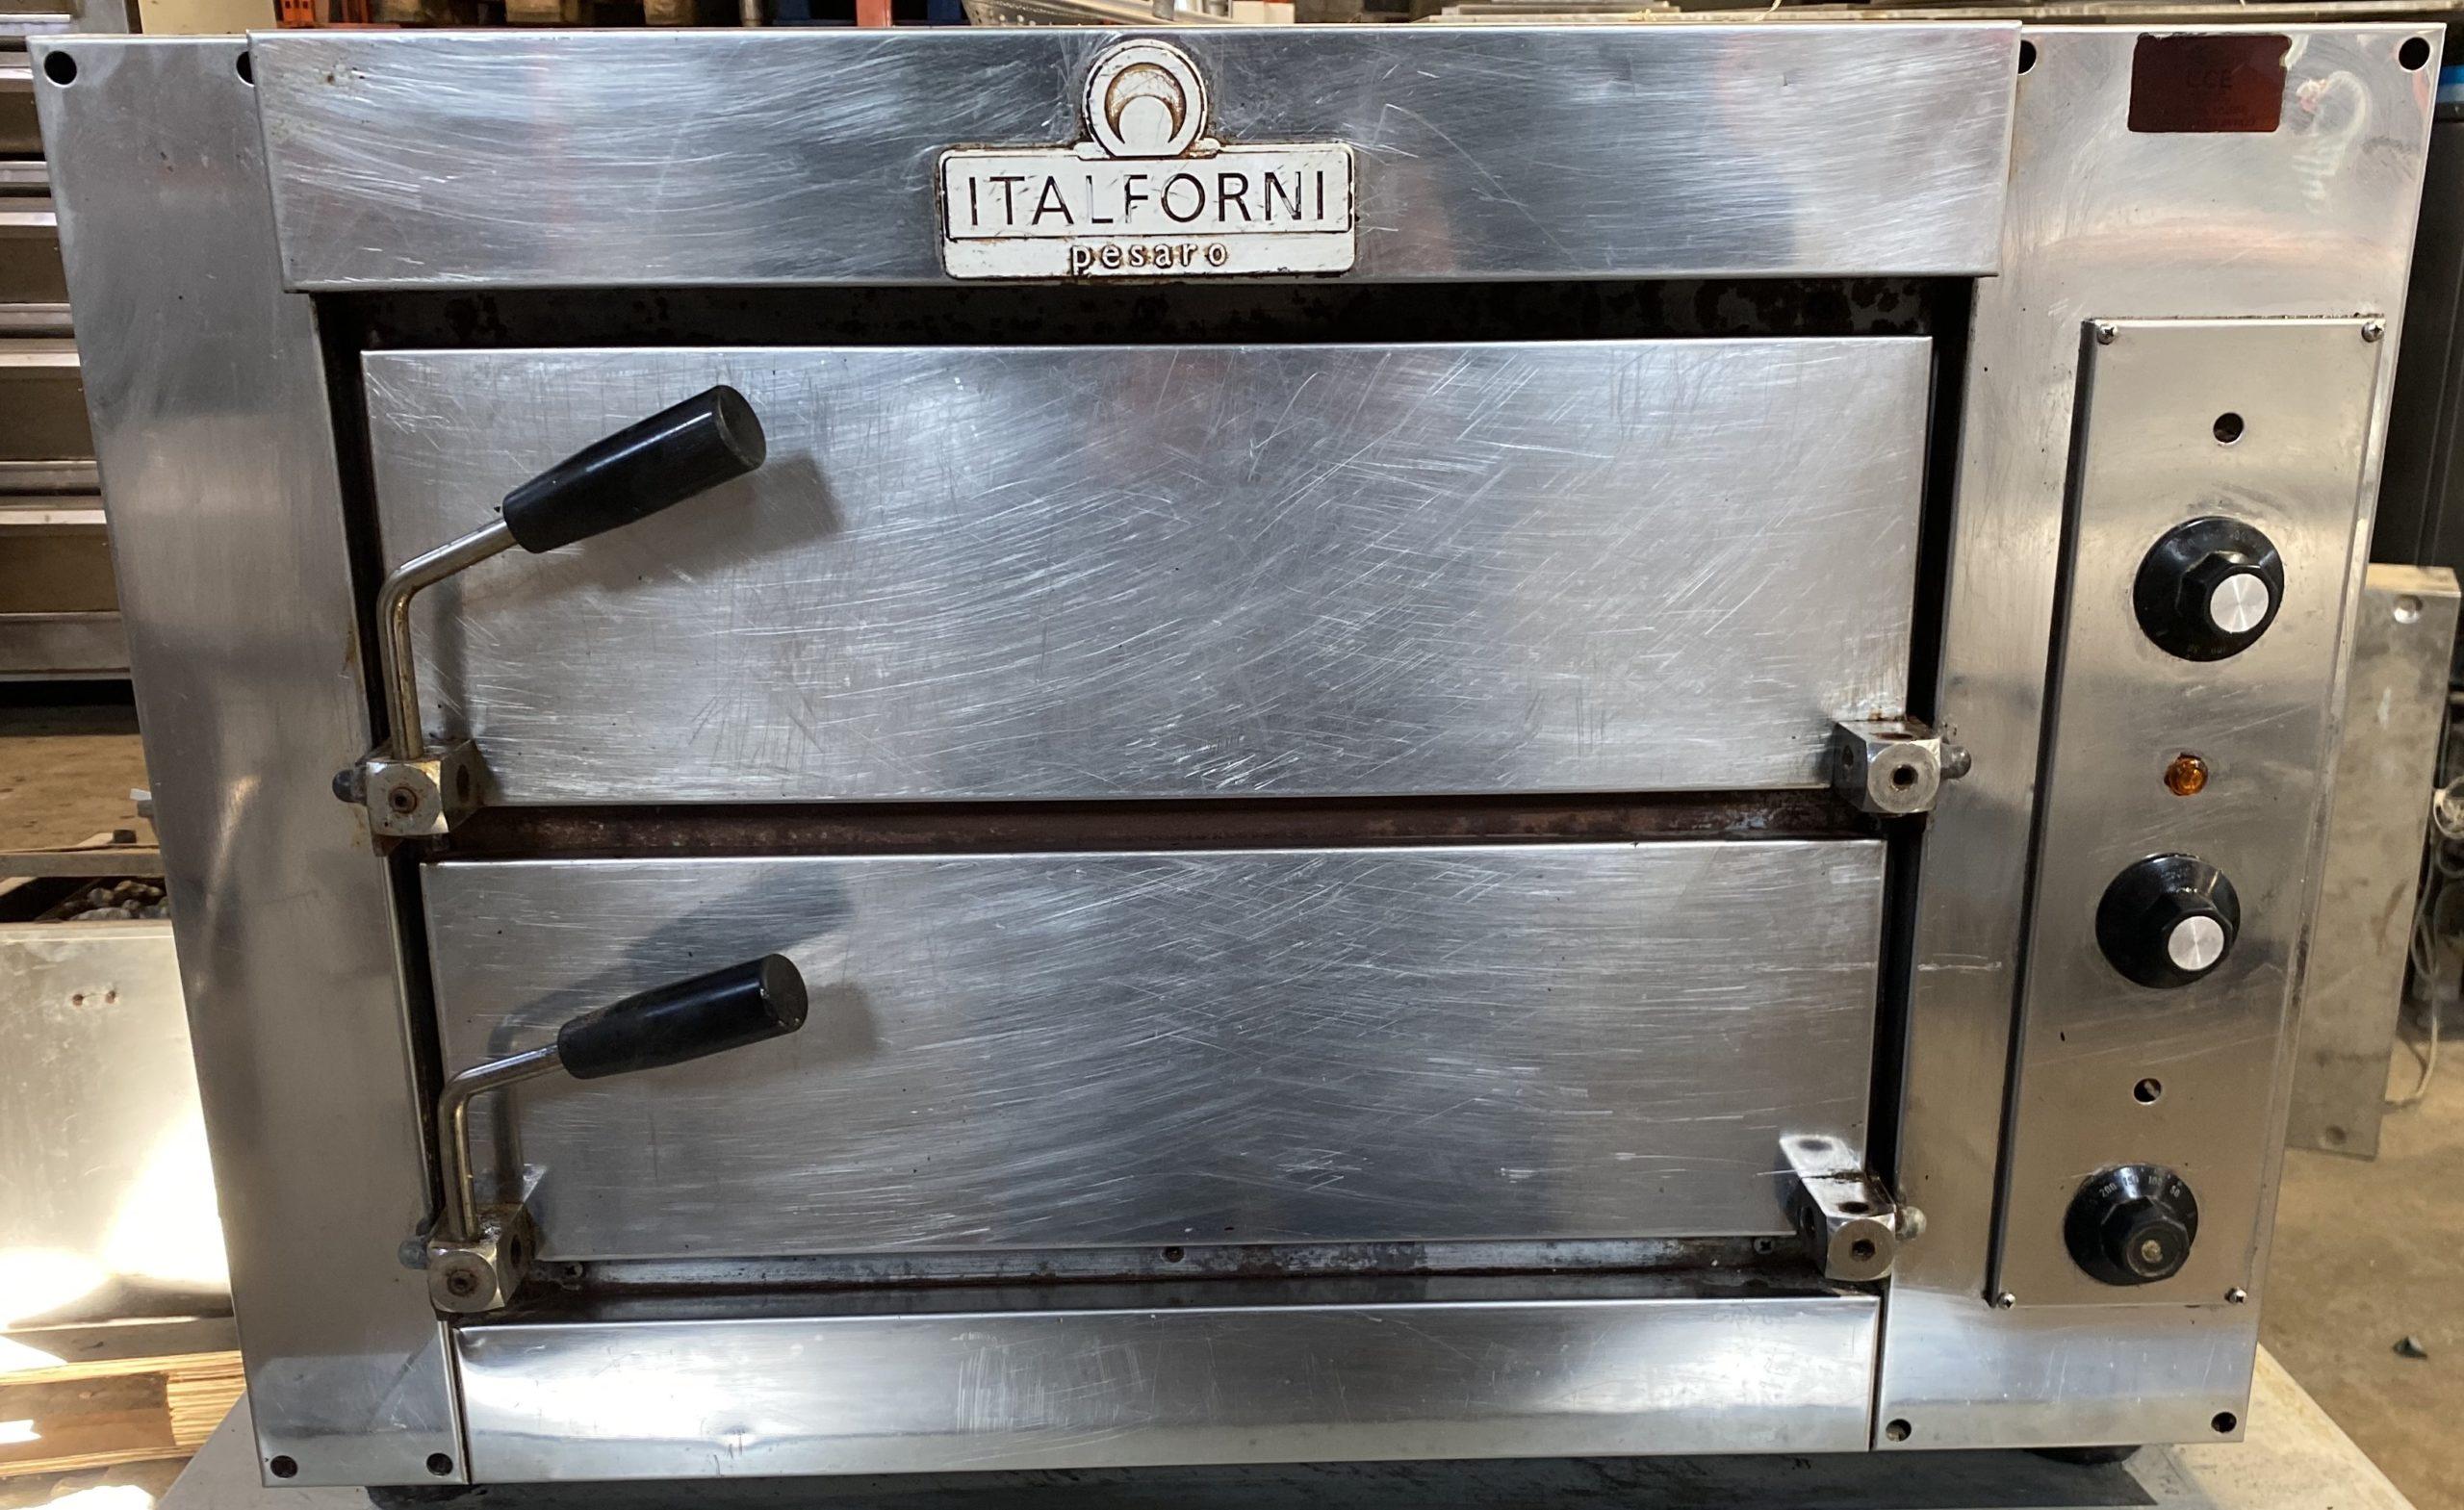 Italforni Fast 50 Twin Deck Pizza Oven